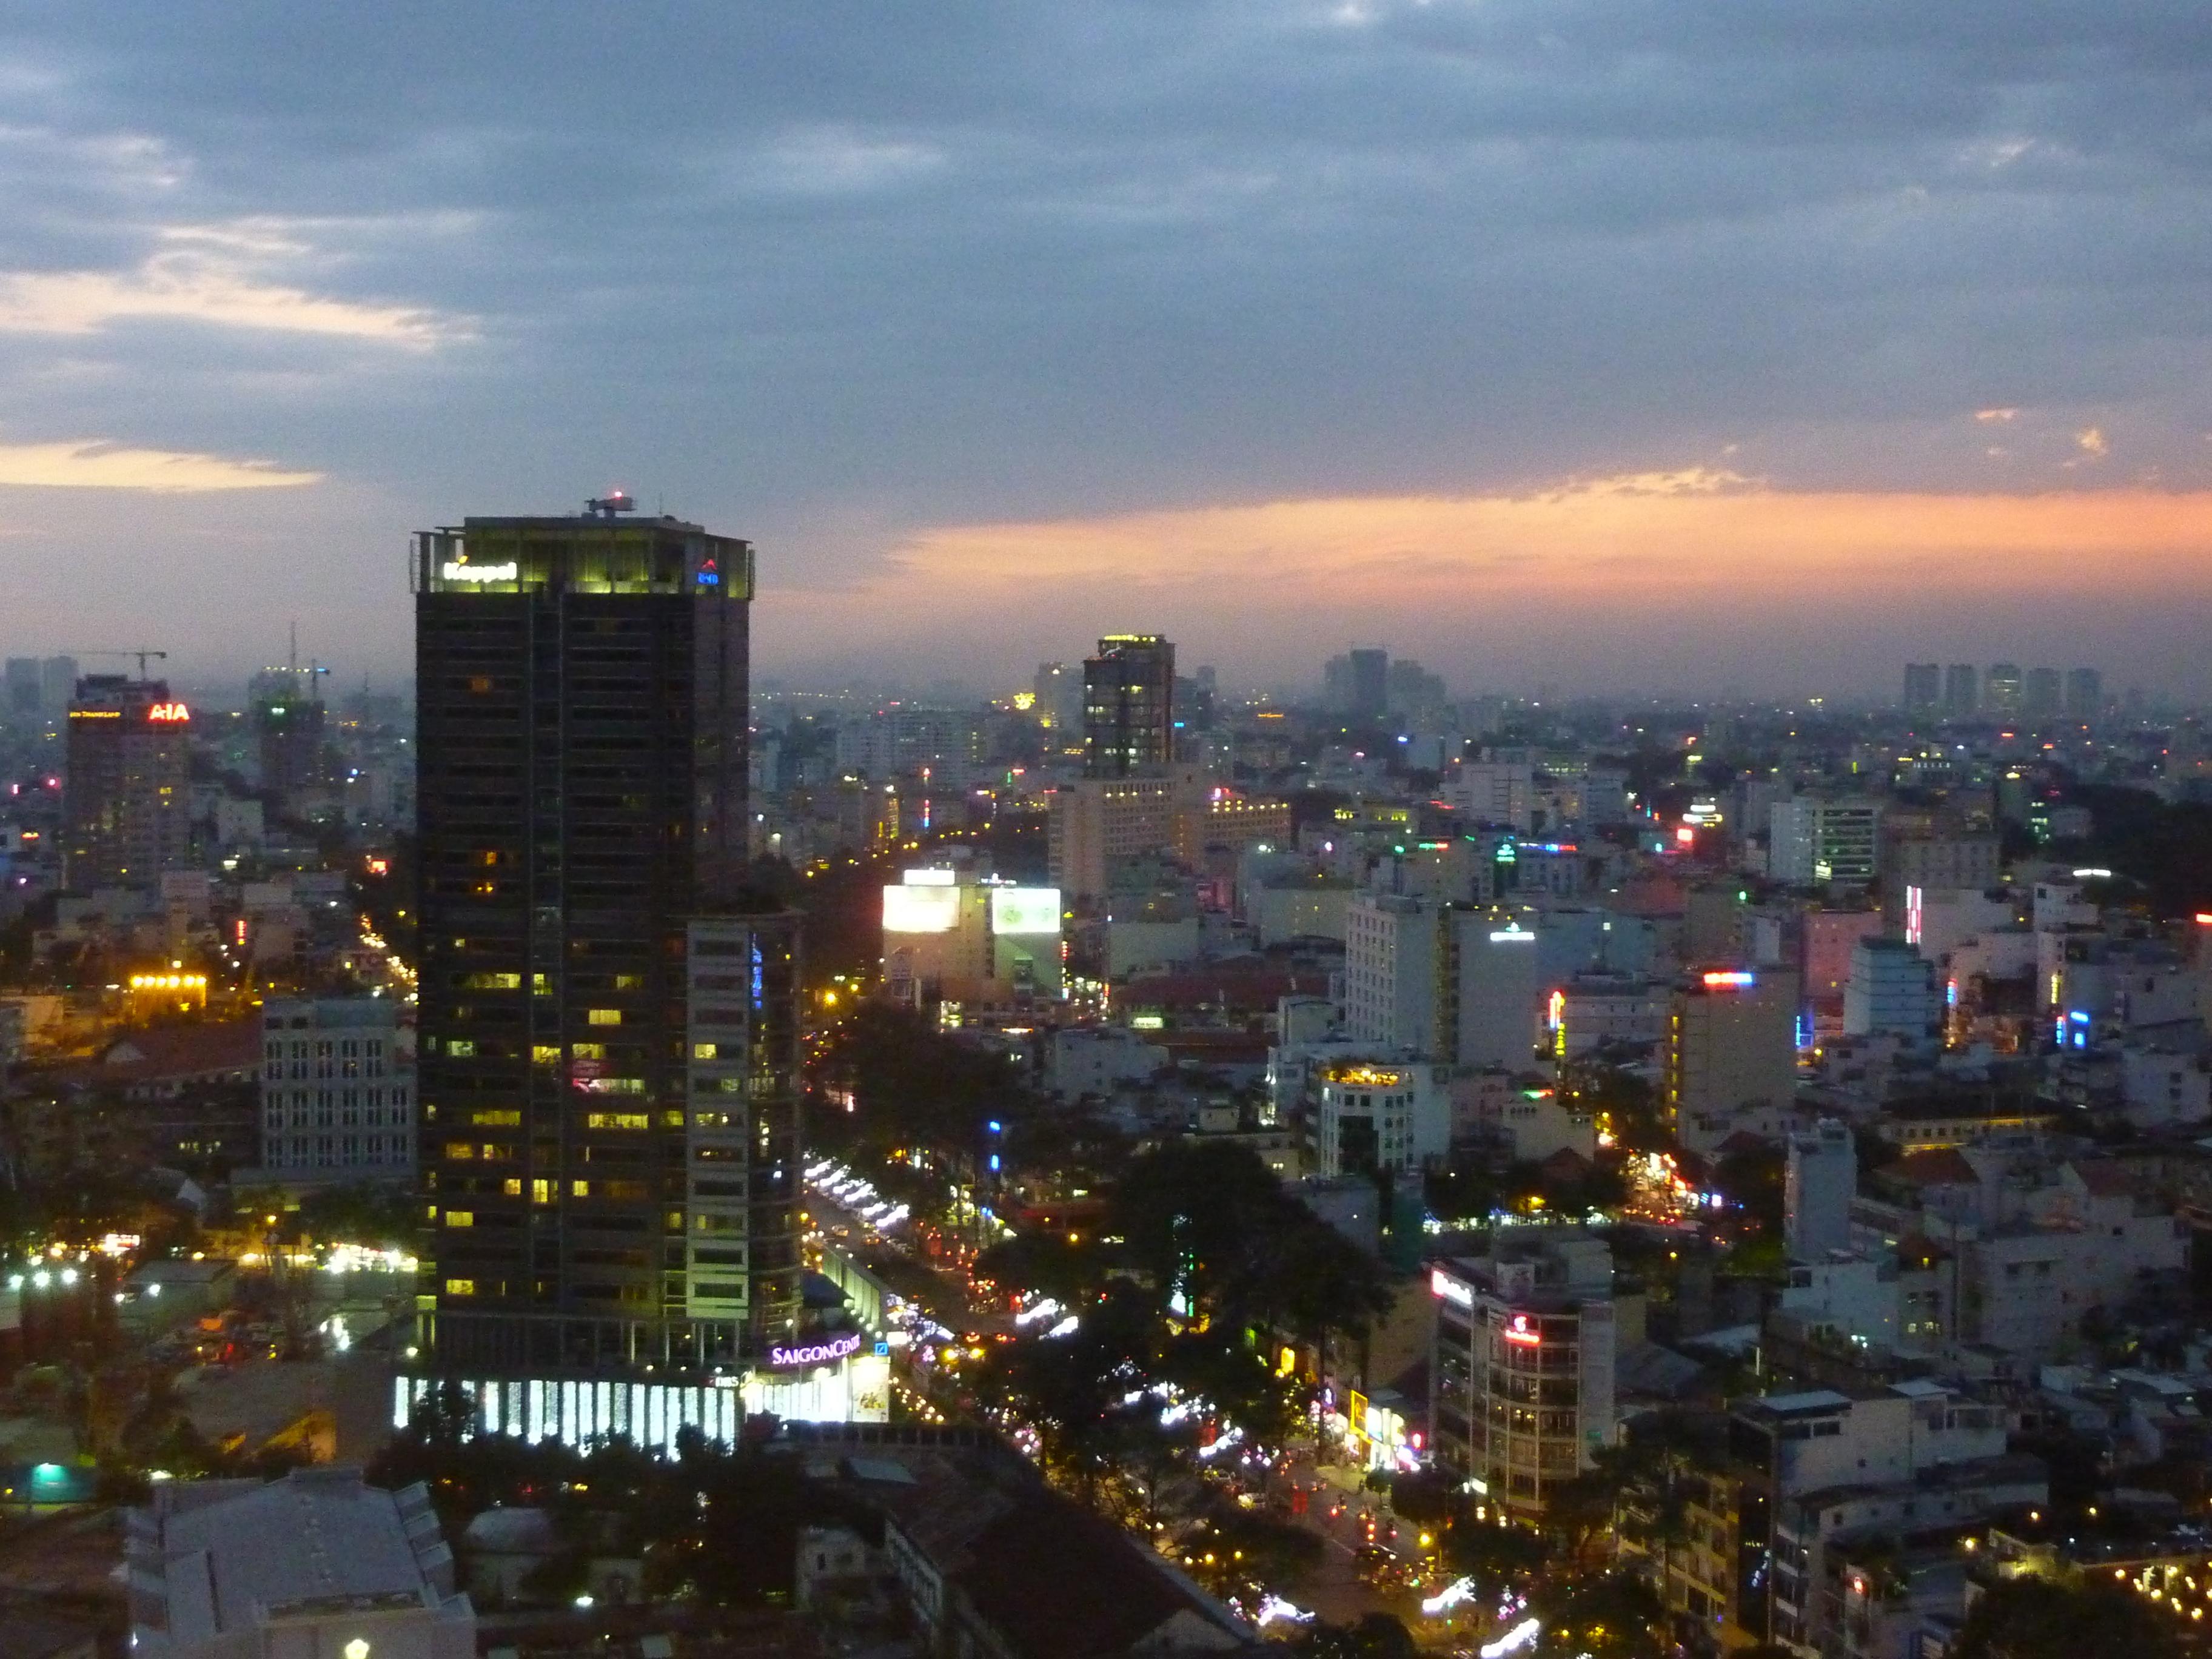 Saigon at Dusk